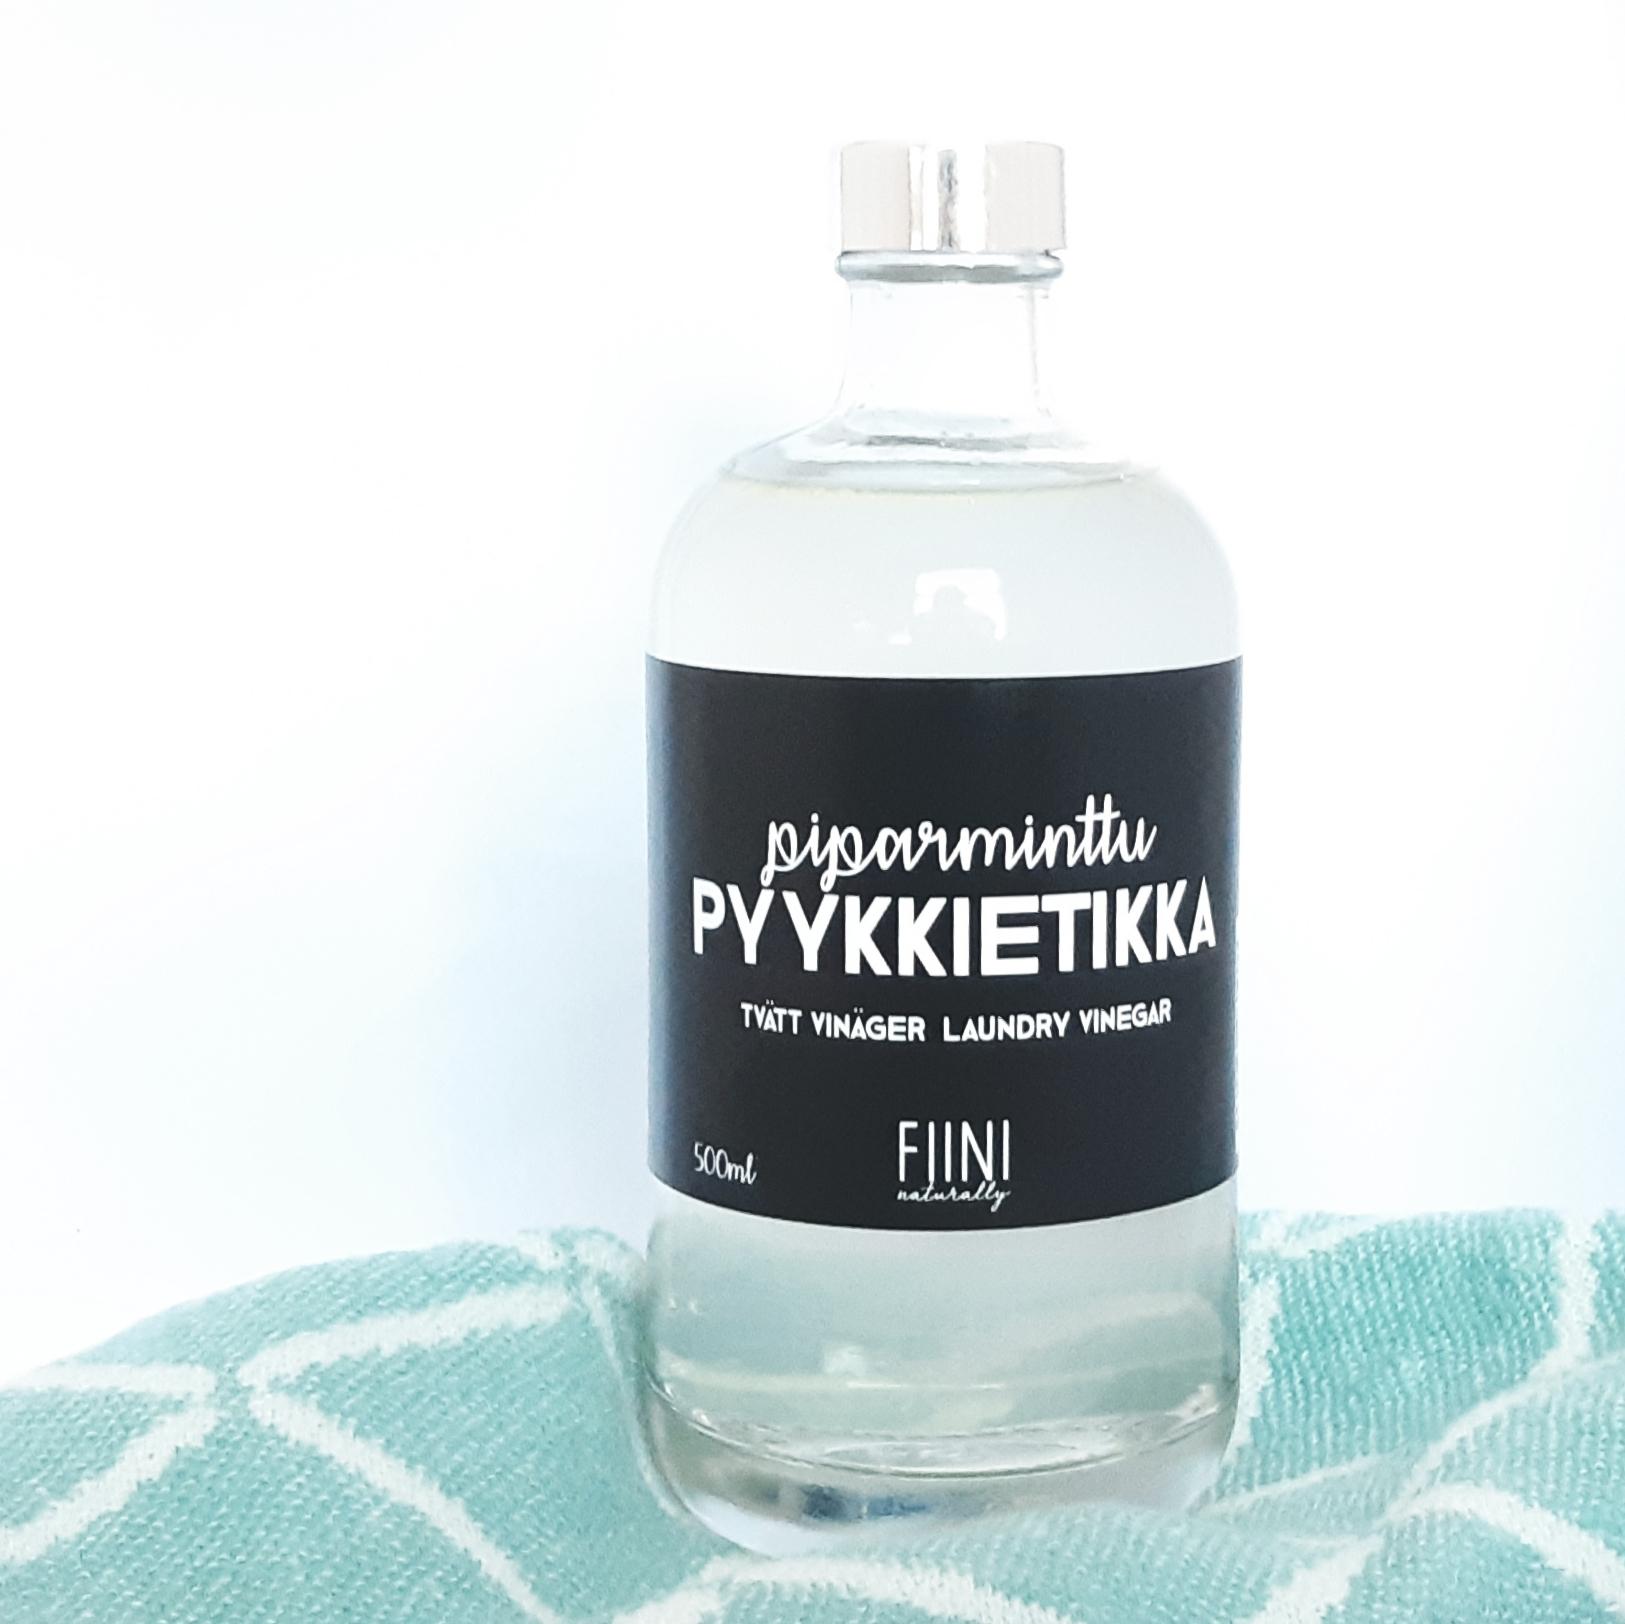 Fiini naturally pyykkietikka piparminttu